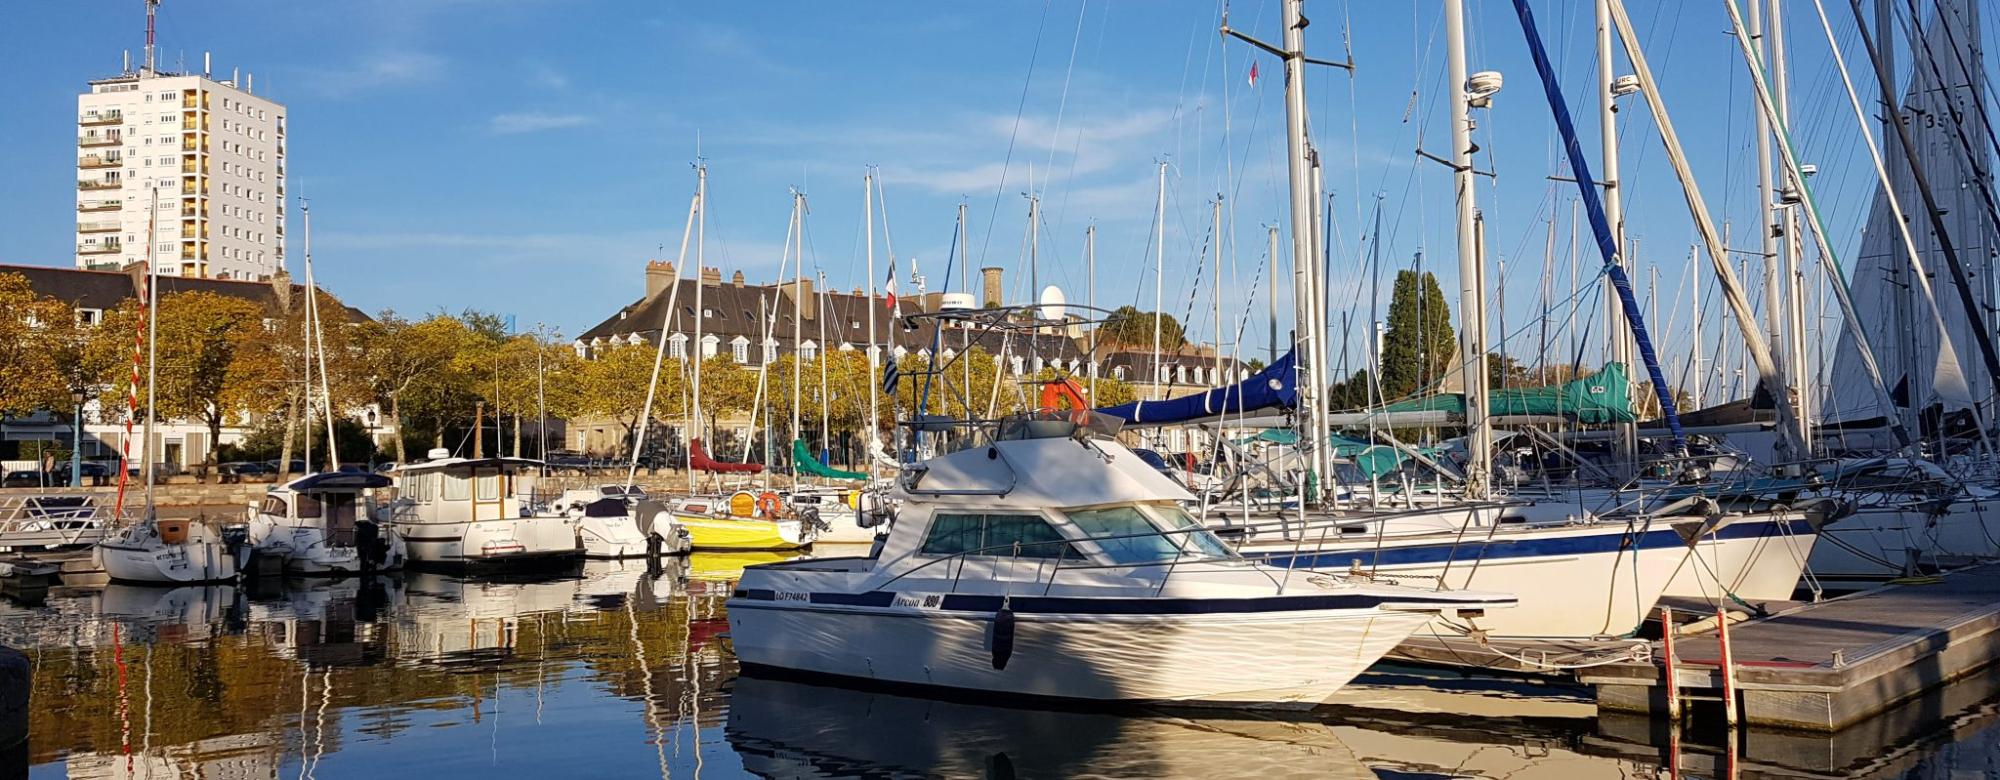 Le bassin à flots et le port de plaisance de Lorient